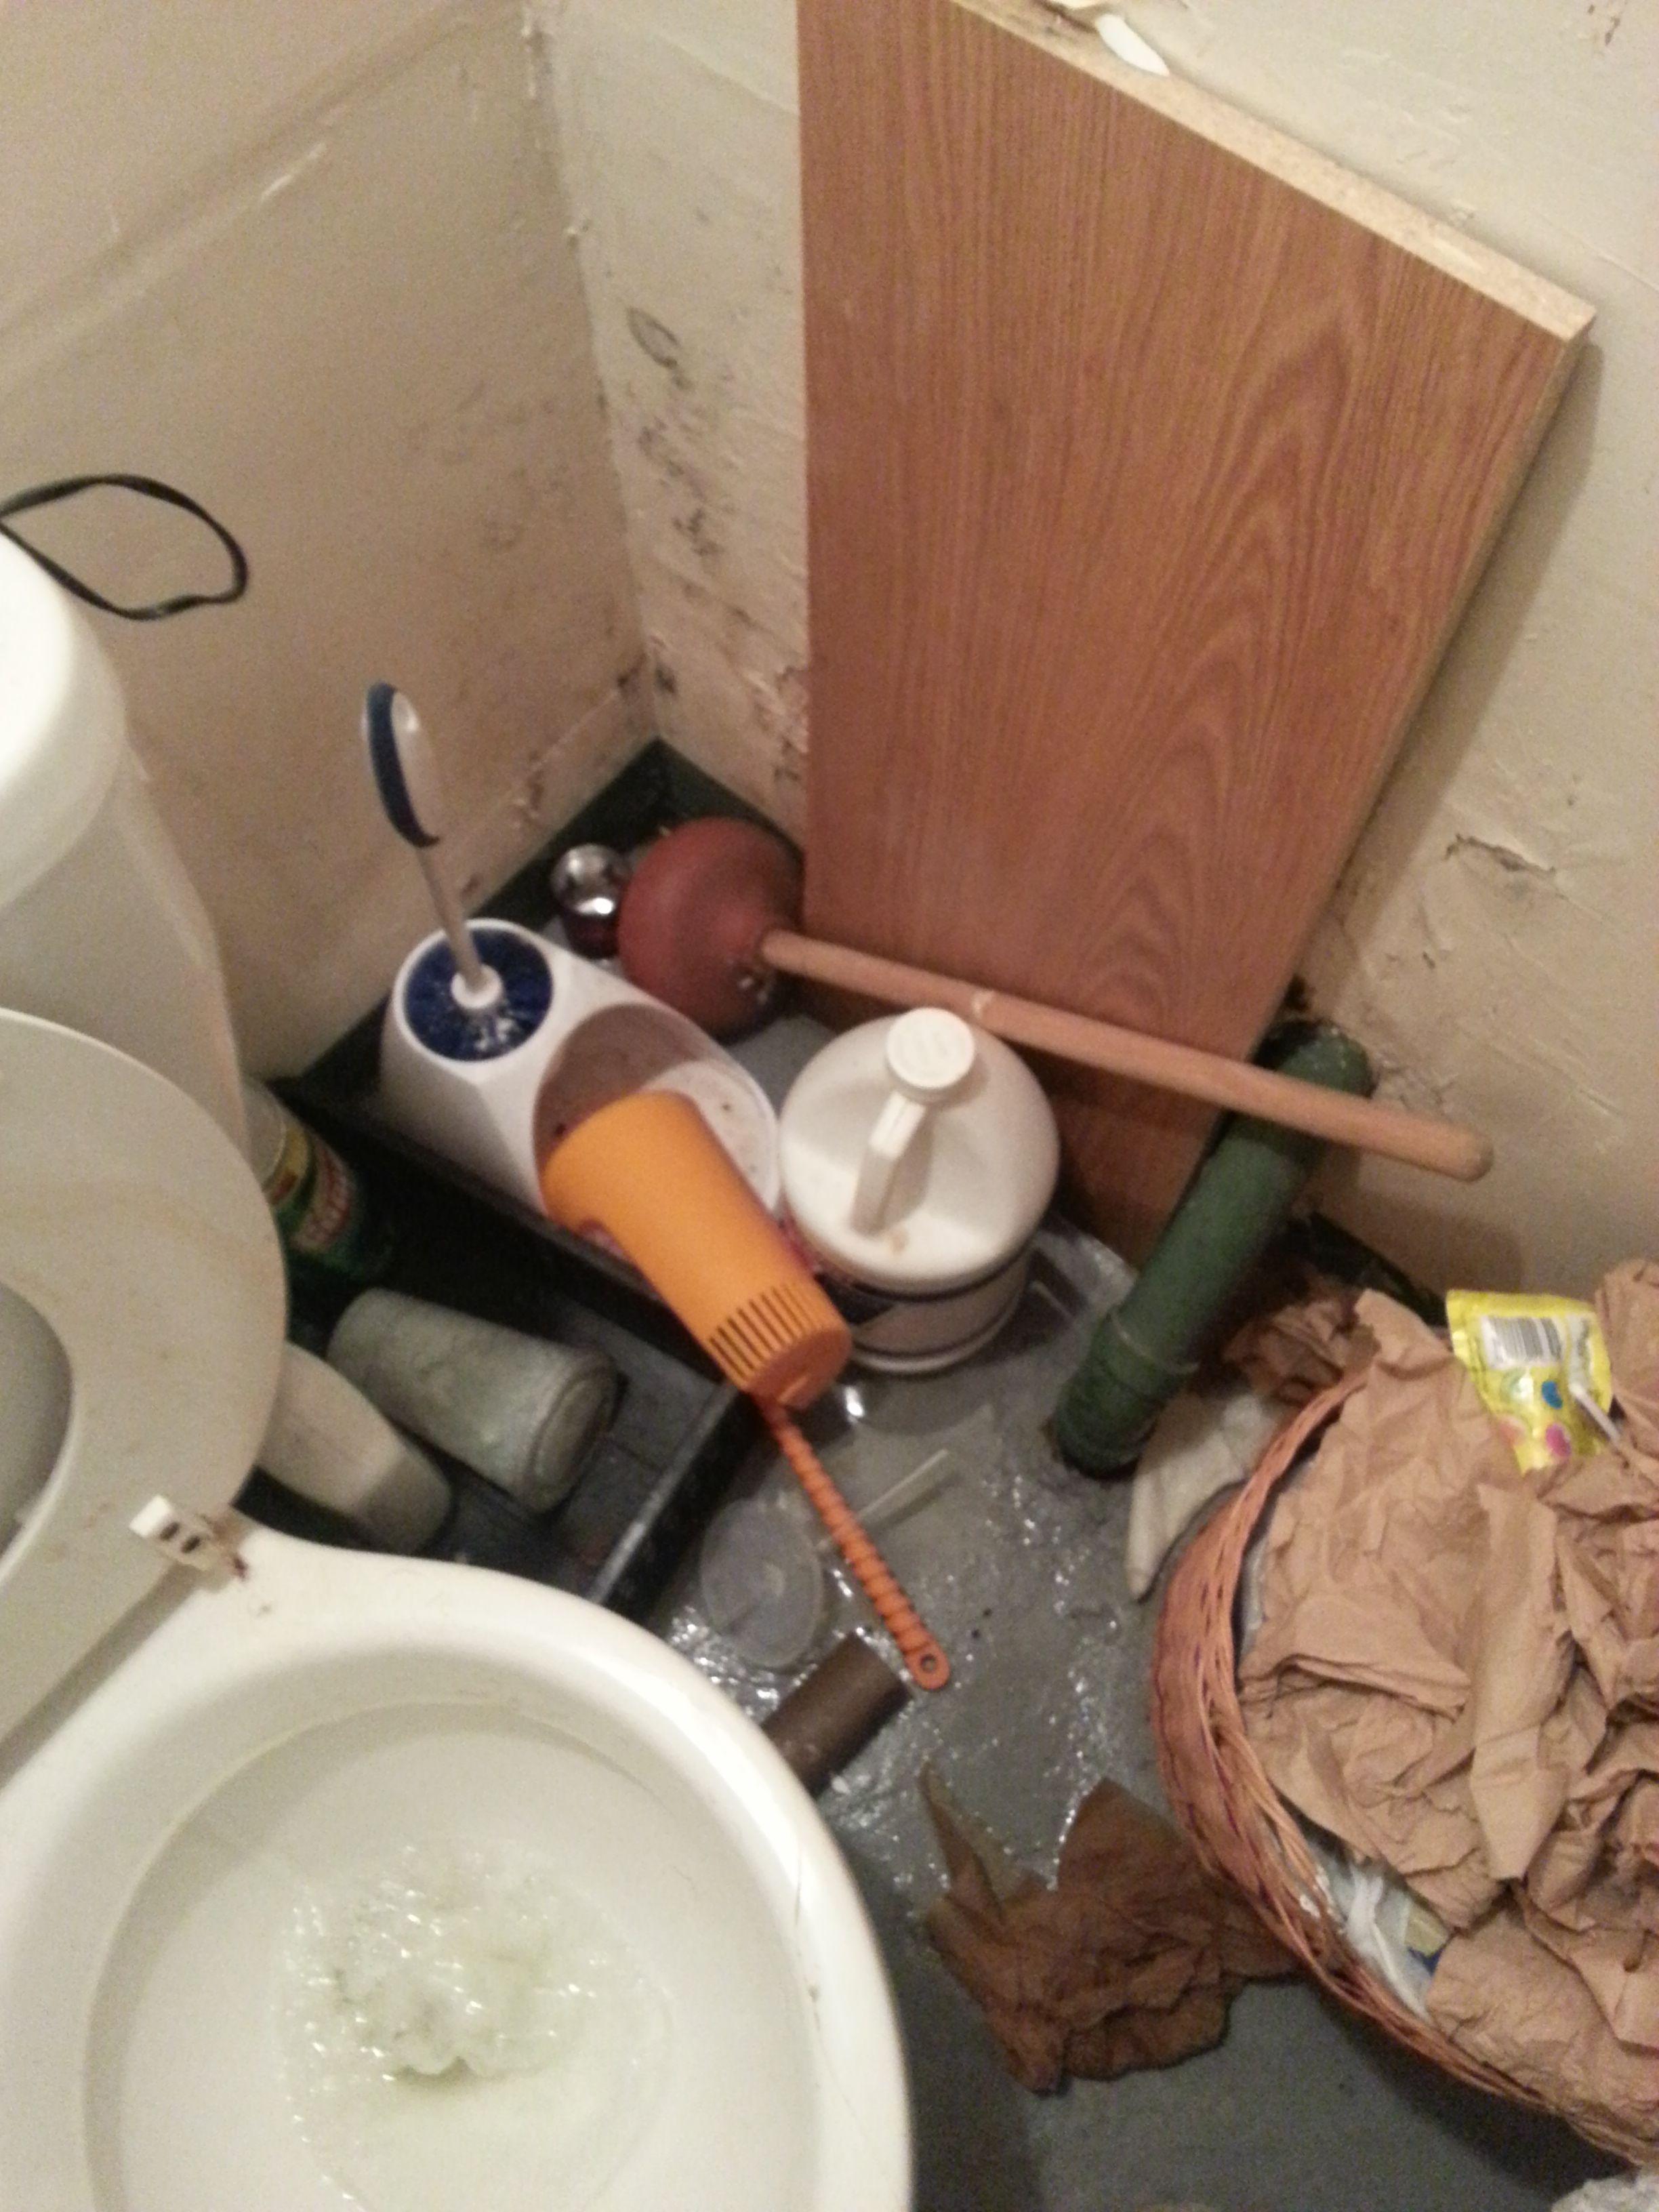 Picture 4 of hopeful restroom remodel